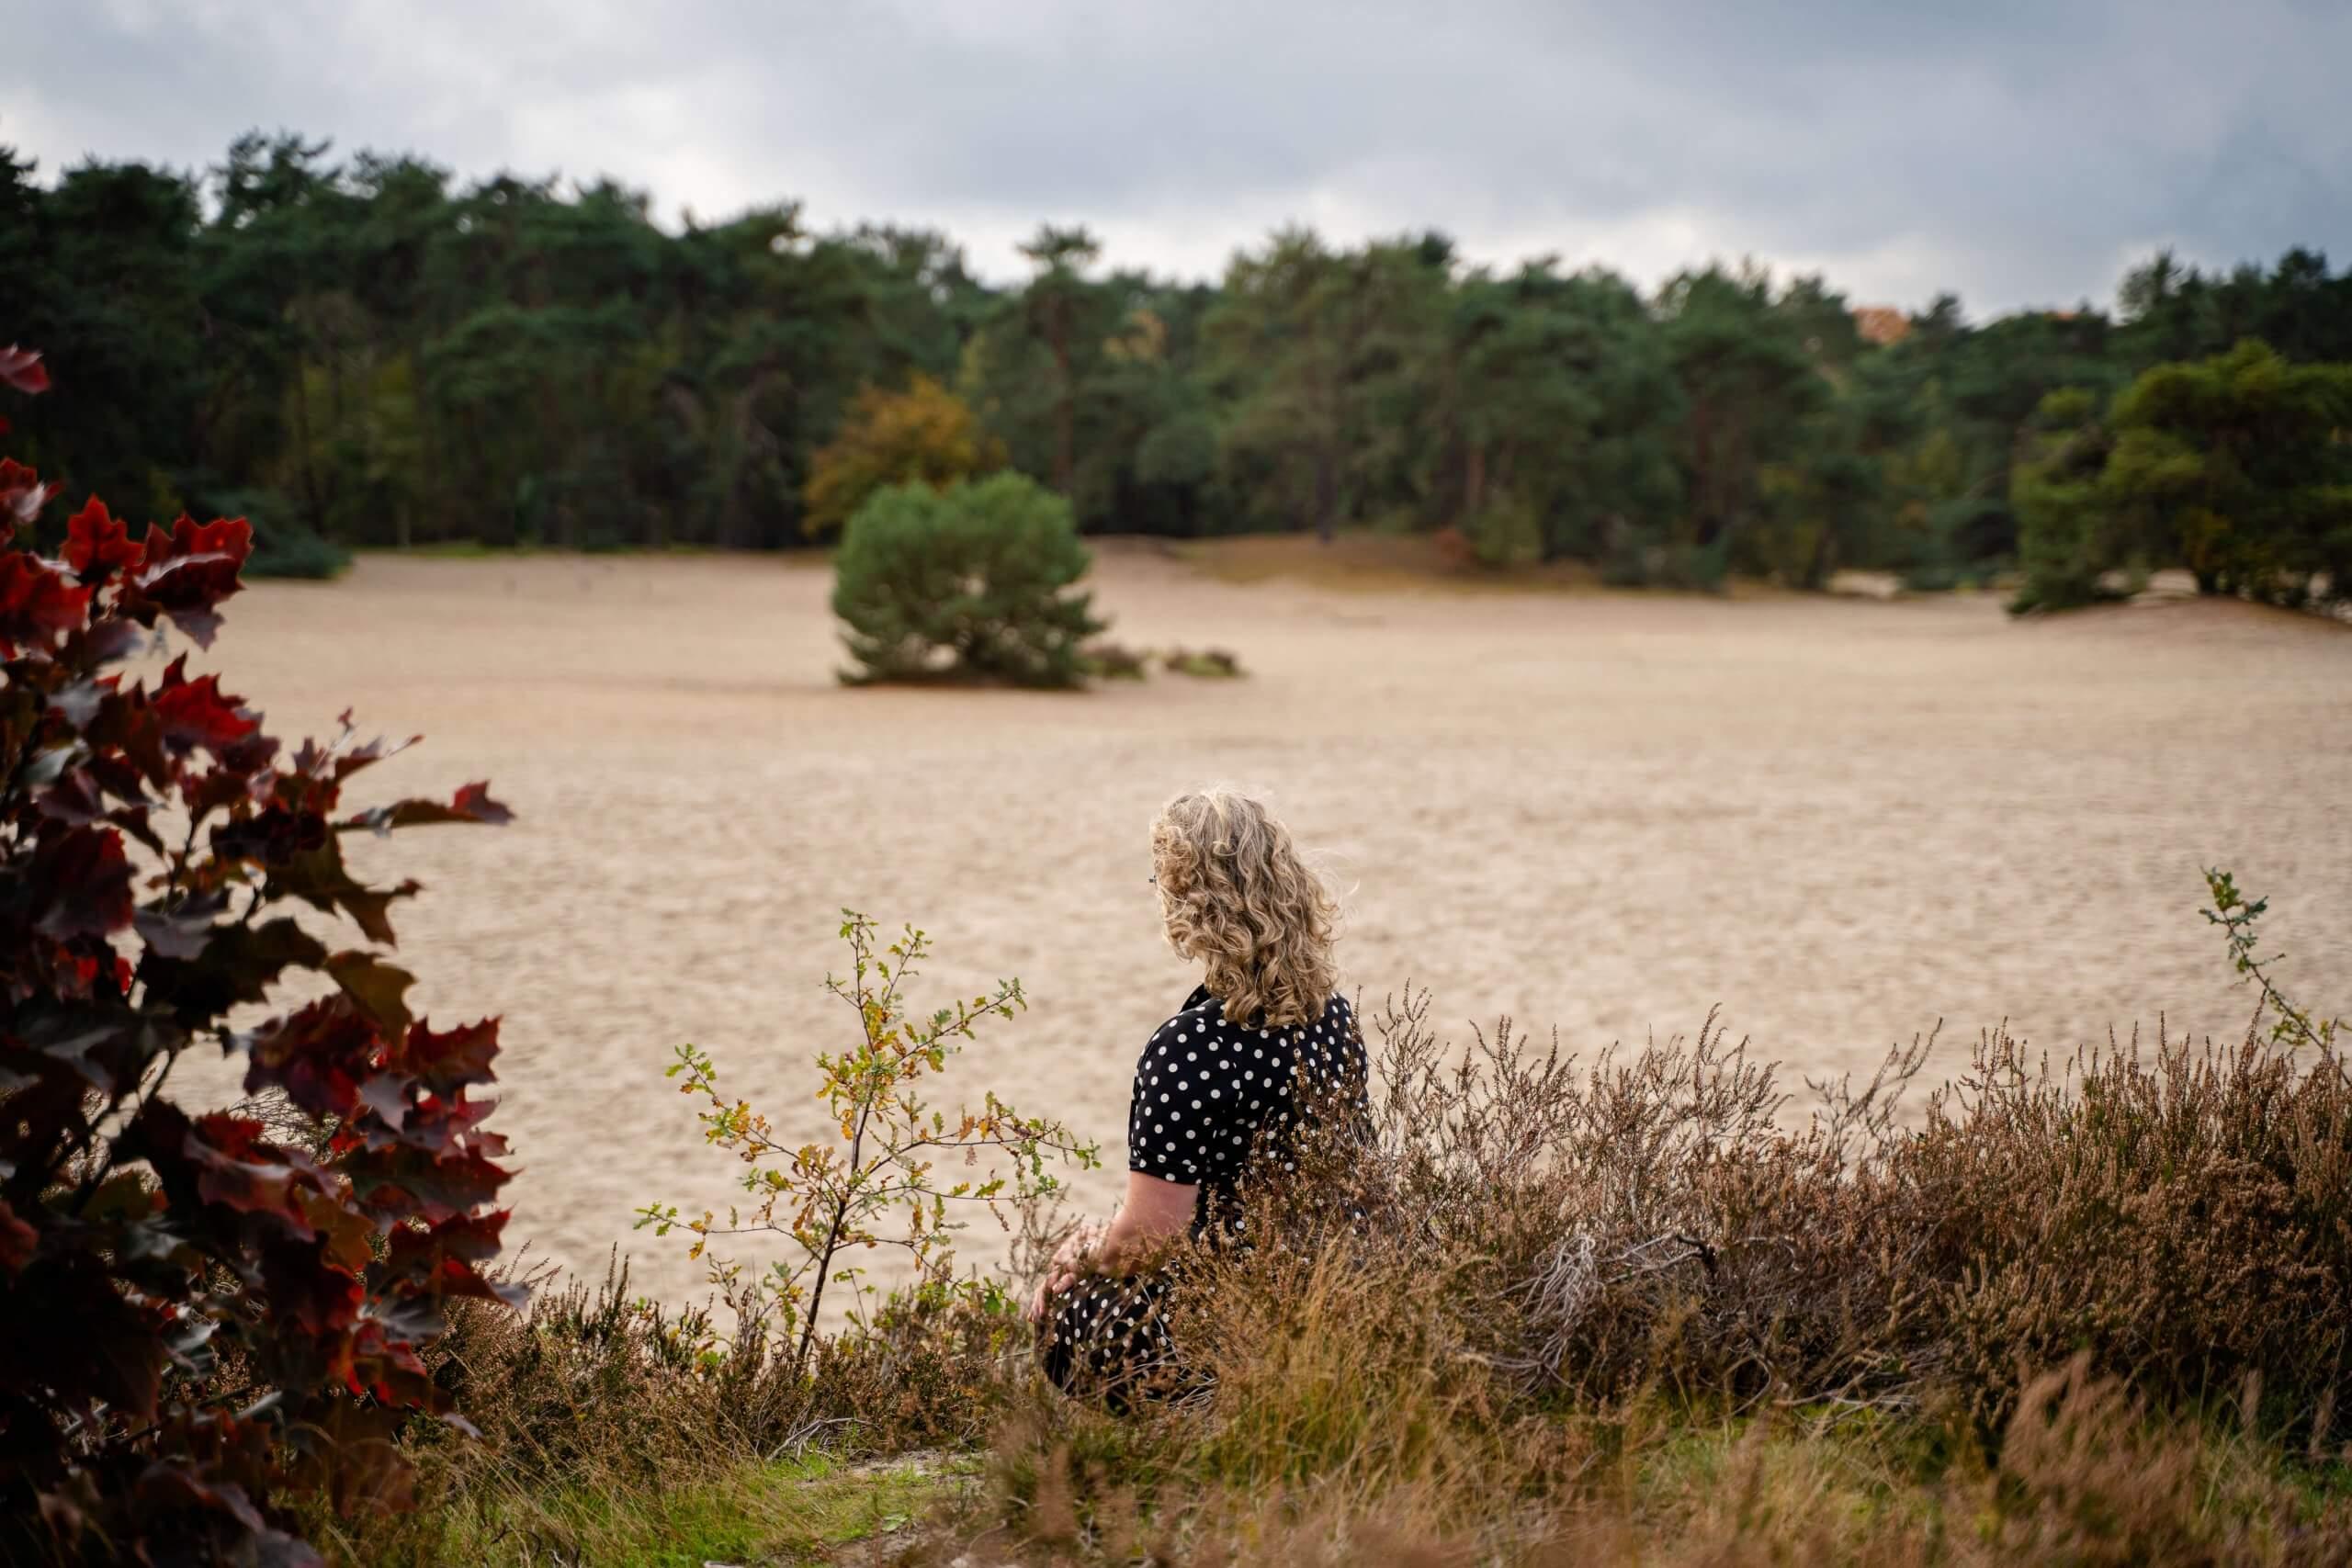 Bedrijfsreportage content beeldbank buiten bedrijf zzper vrouwelijke ondernemer vrouw soesterduinen soest